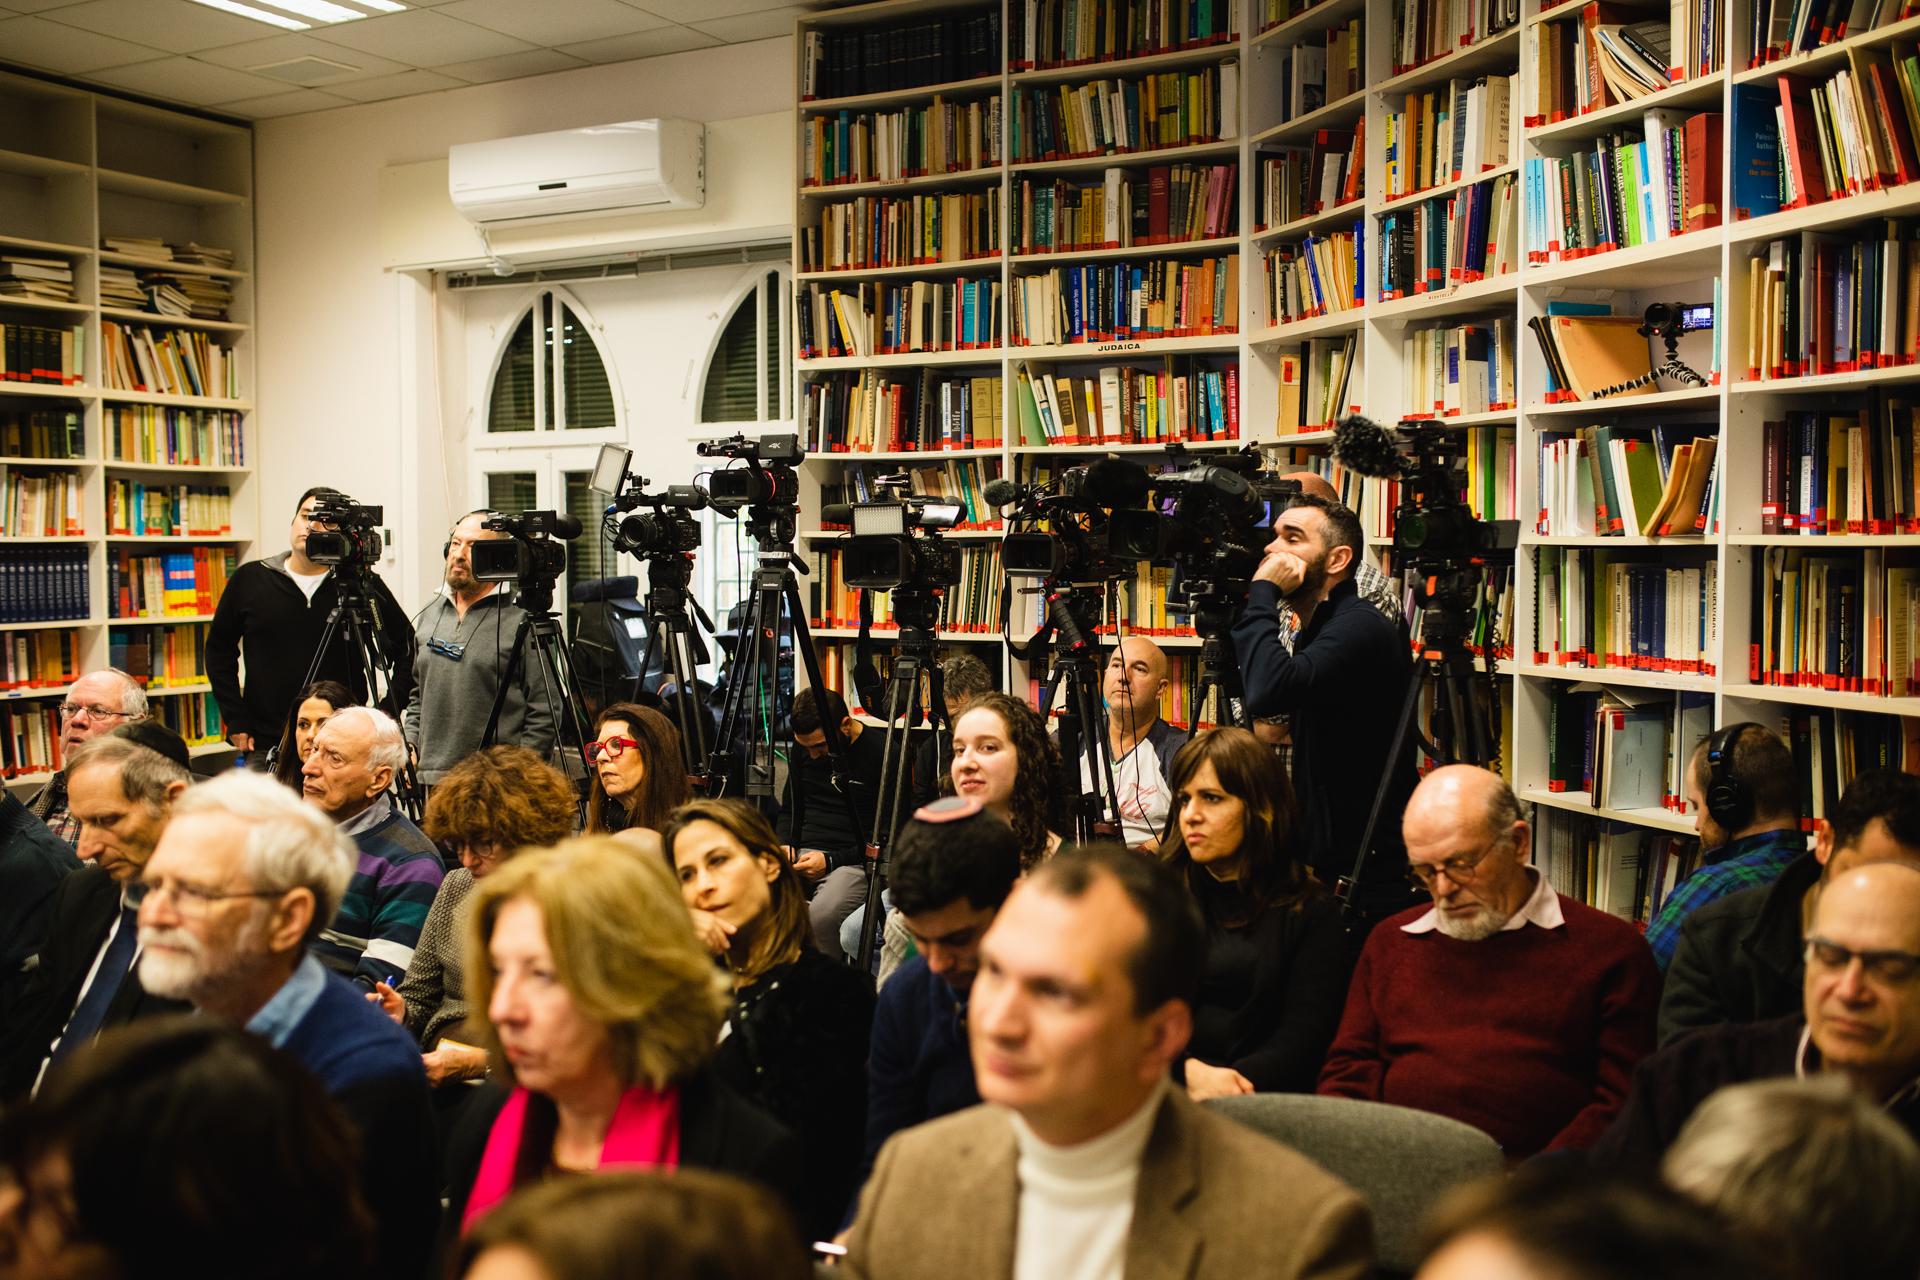 אמצעי תקשורת רבים סיקרו את האירוע במרכז הירושלמי לעניינו ציבור ומדינה // צילום: ראובן בן חיים, המרכז הירושלמי לענייני ציבור ומדינה